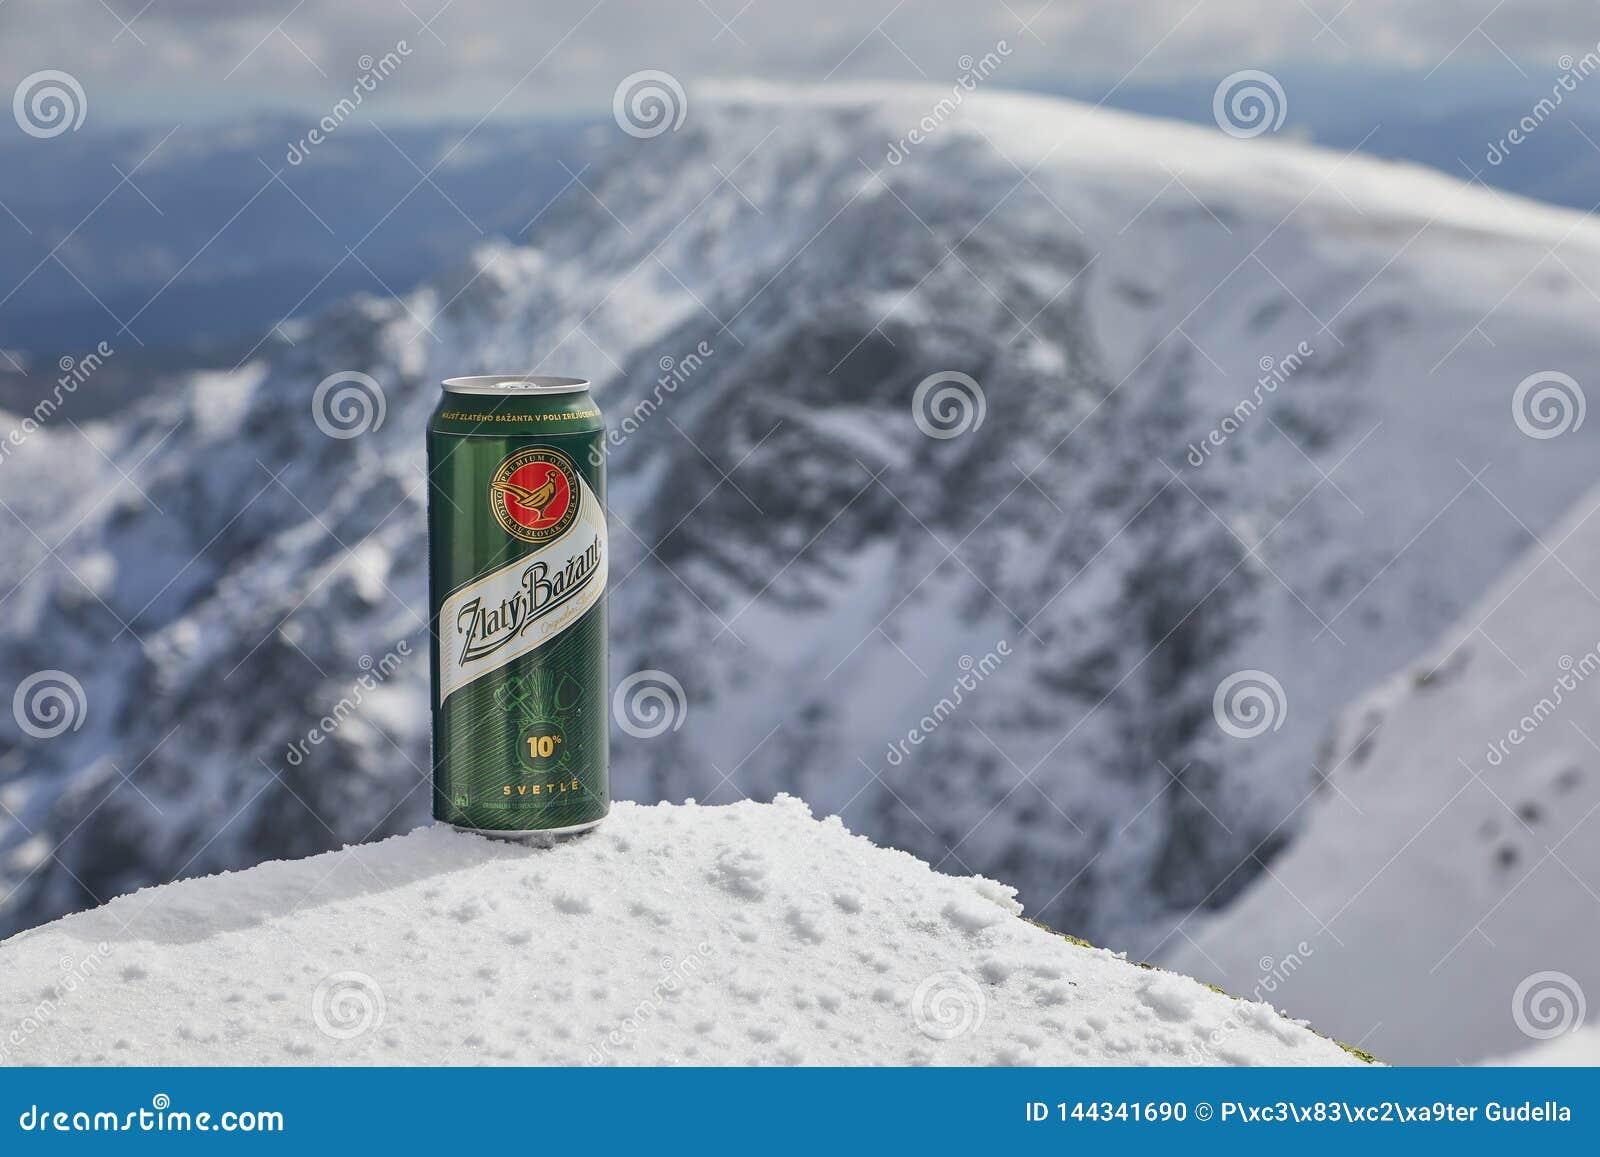 一个罐头在山的Zlaty Bazant啤酒